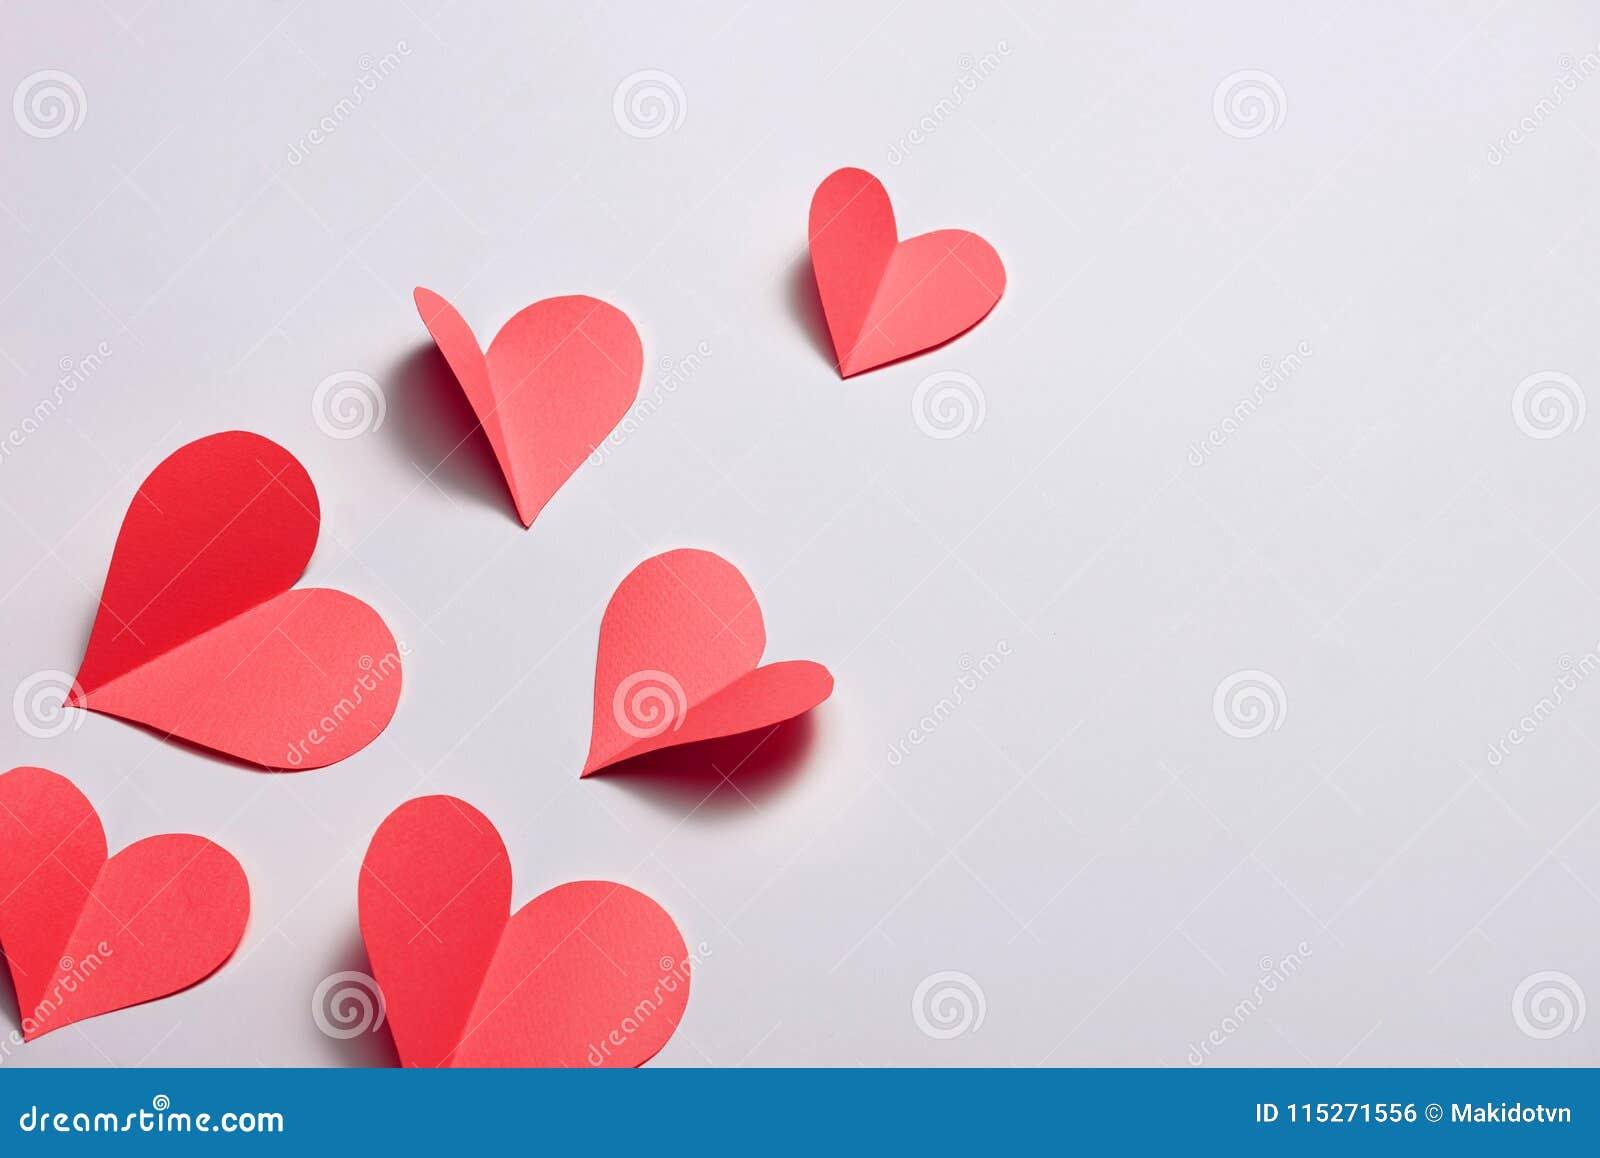 Κόκκινες καρδιές εγγράφου πτυχών {κοπή καρδιών εγγράφου}, καρδιά του διπλώματος εγγράφου που απομονώνεται στο άσπρο υπόβαθρο Κάρτ